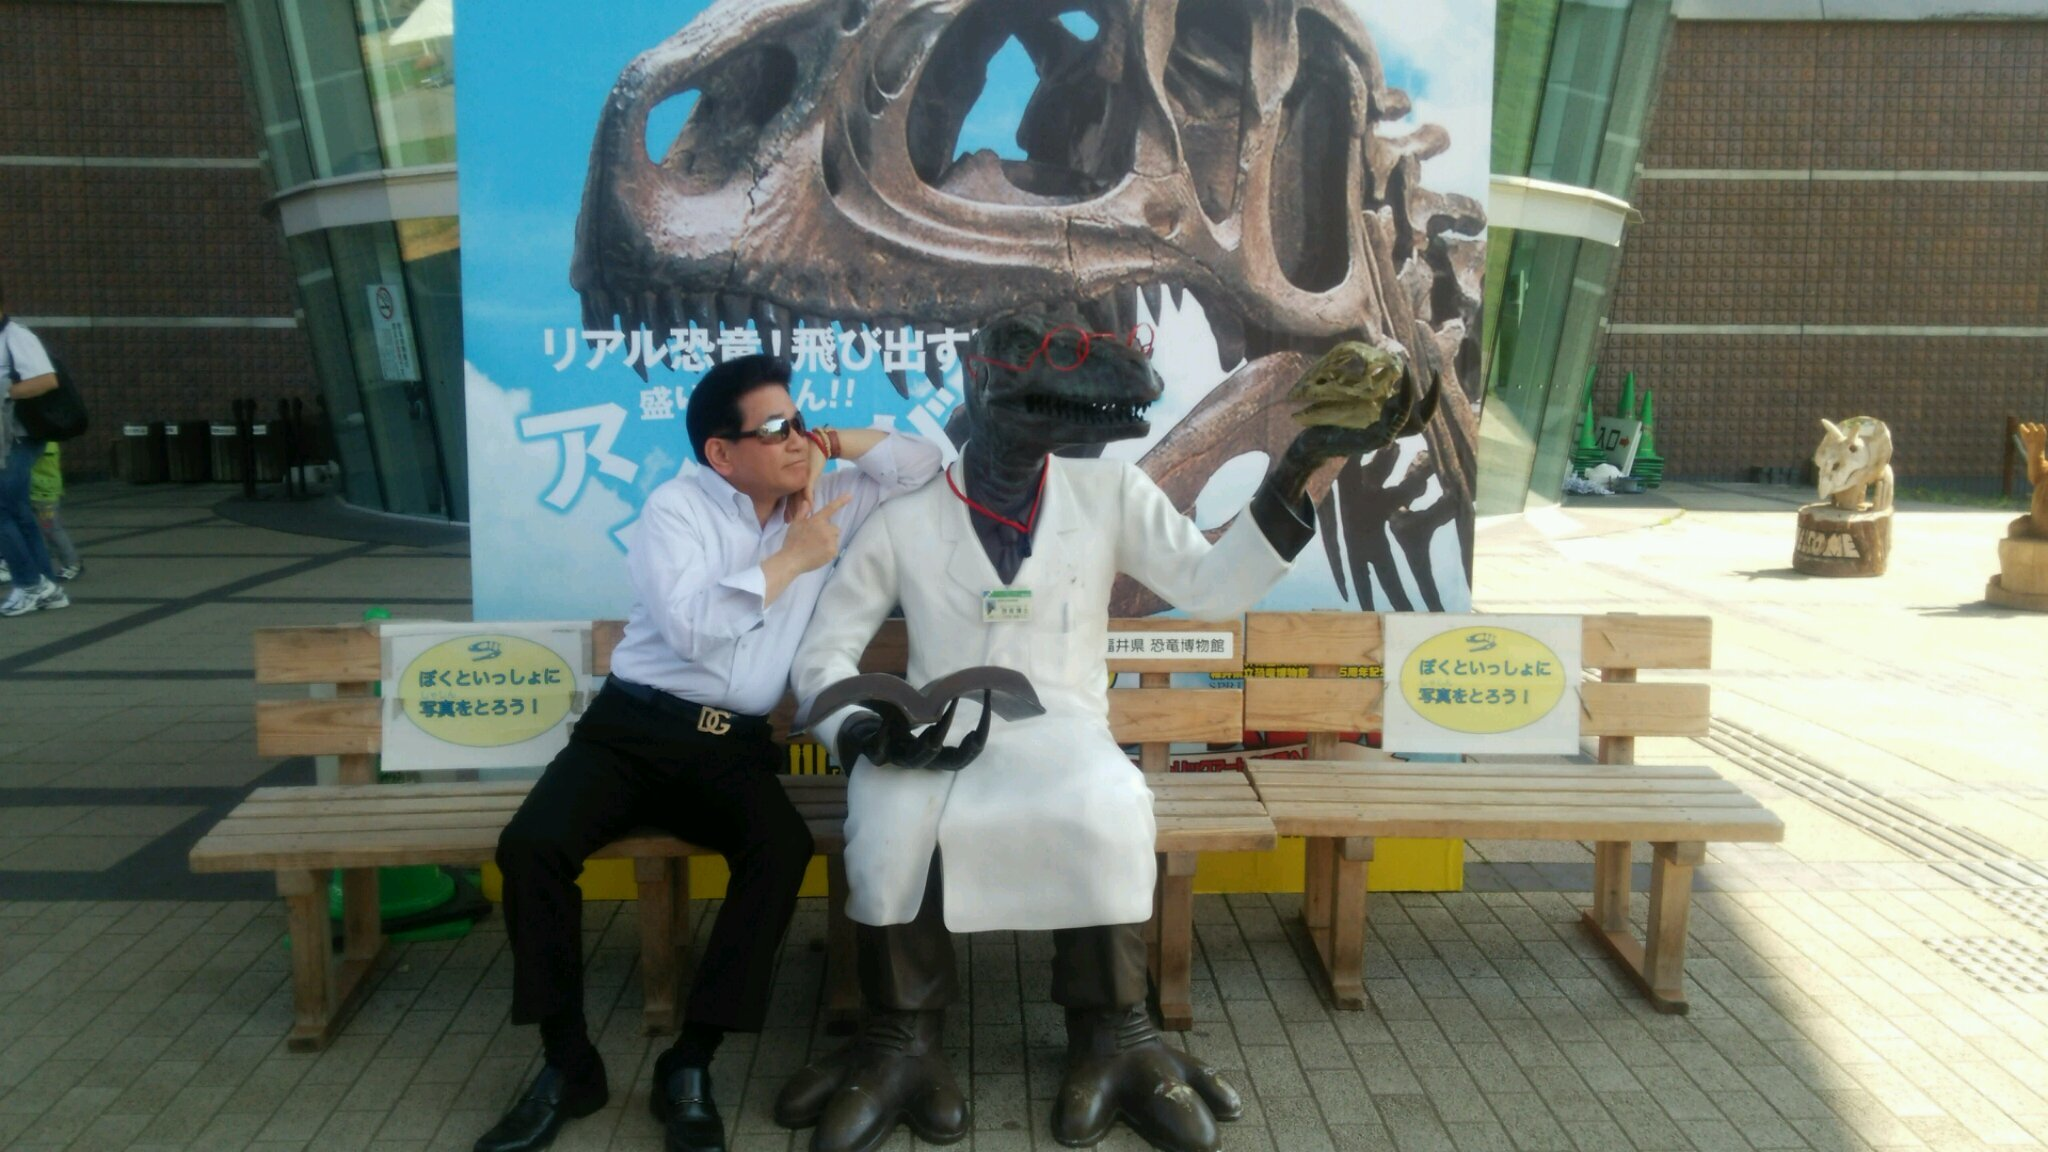 恐竜博物館へ行き、ビックリがいっぱい! 福井は最高!_e0119092_11035806.jpg